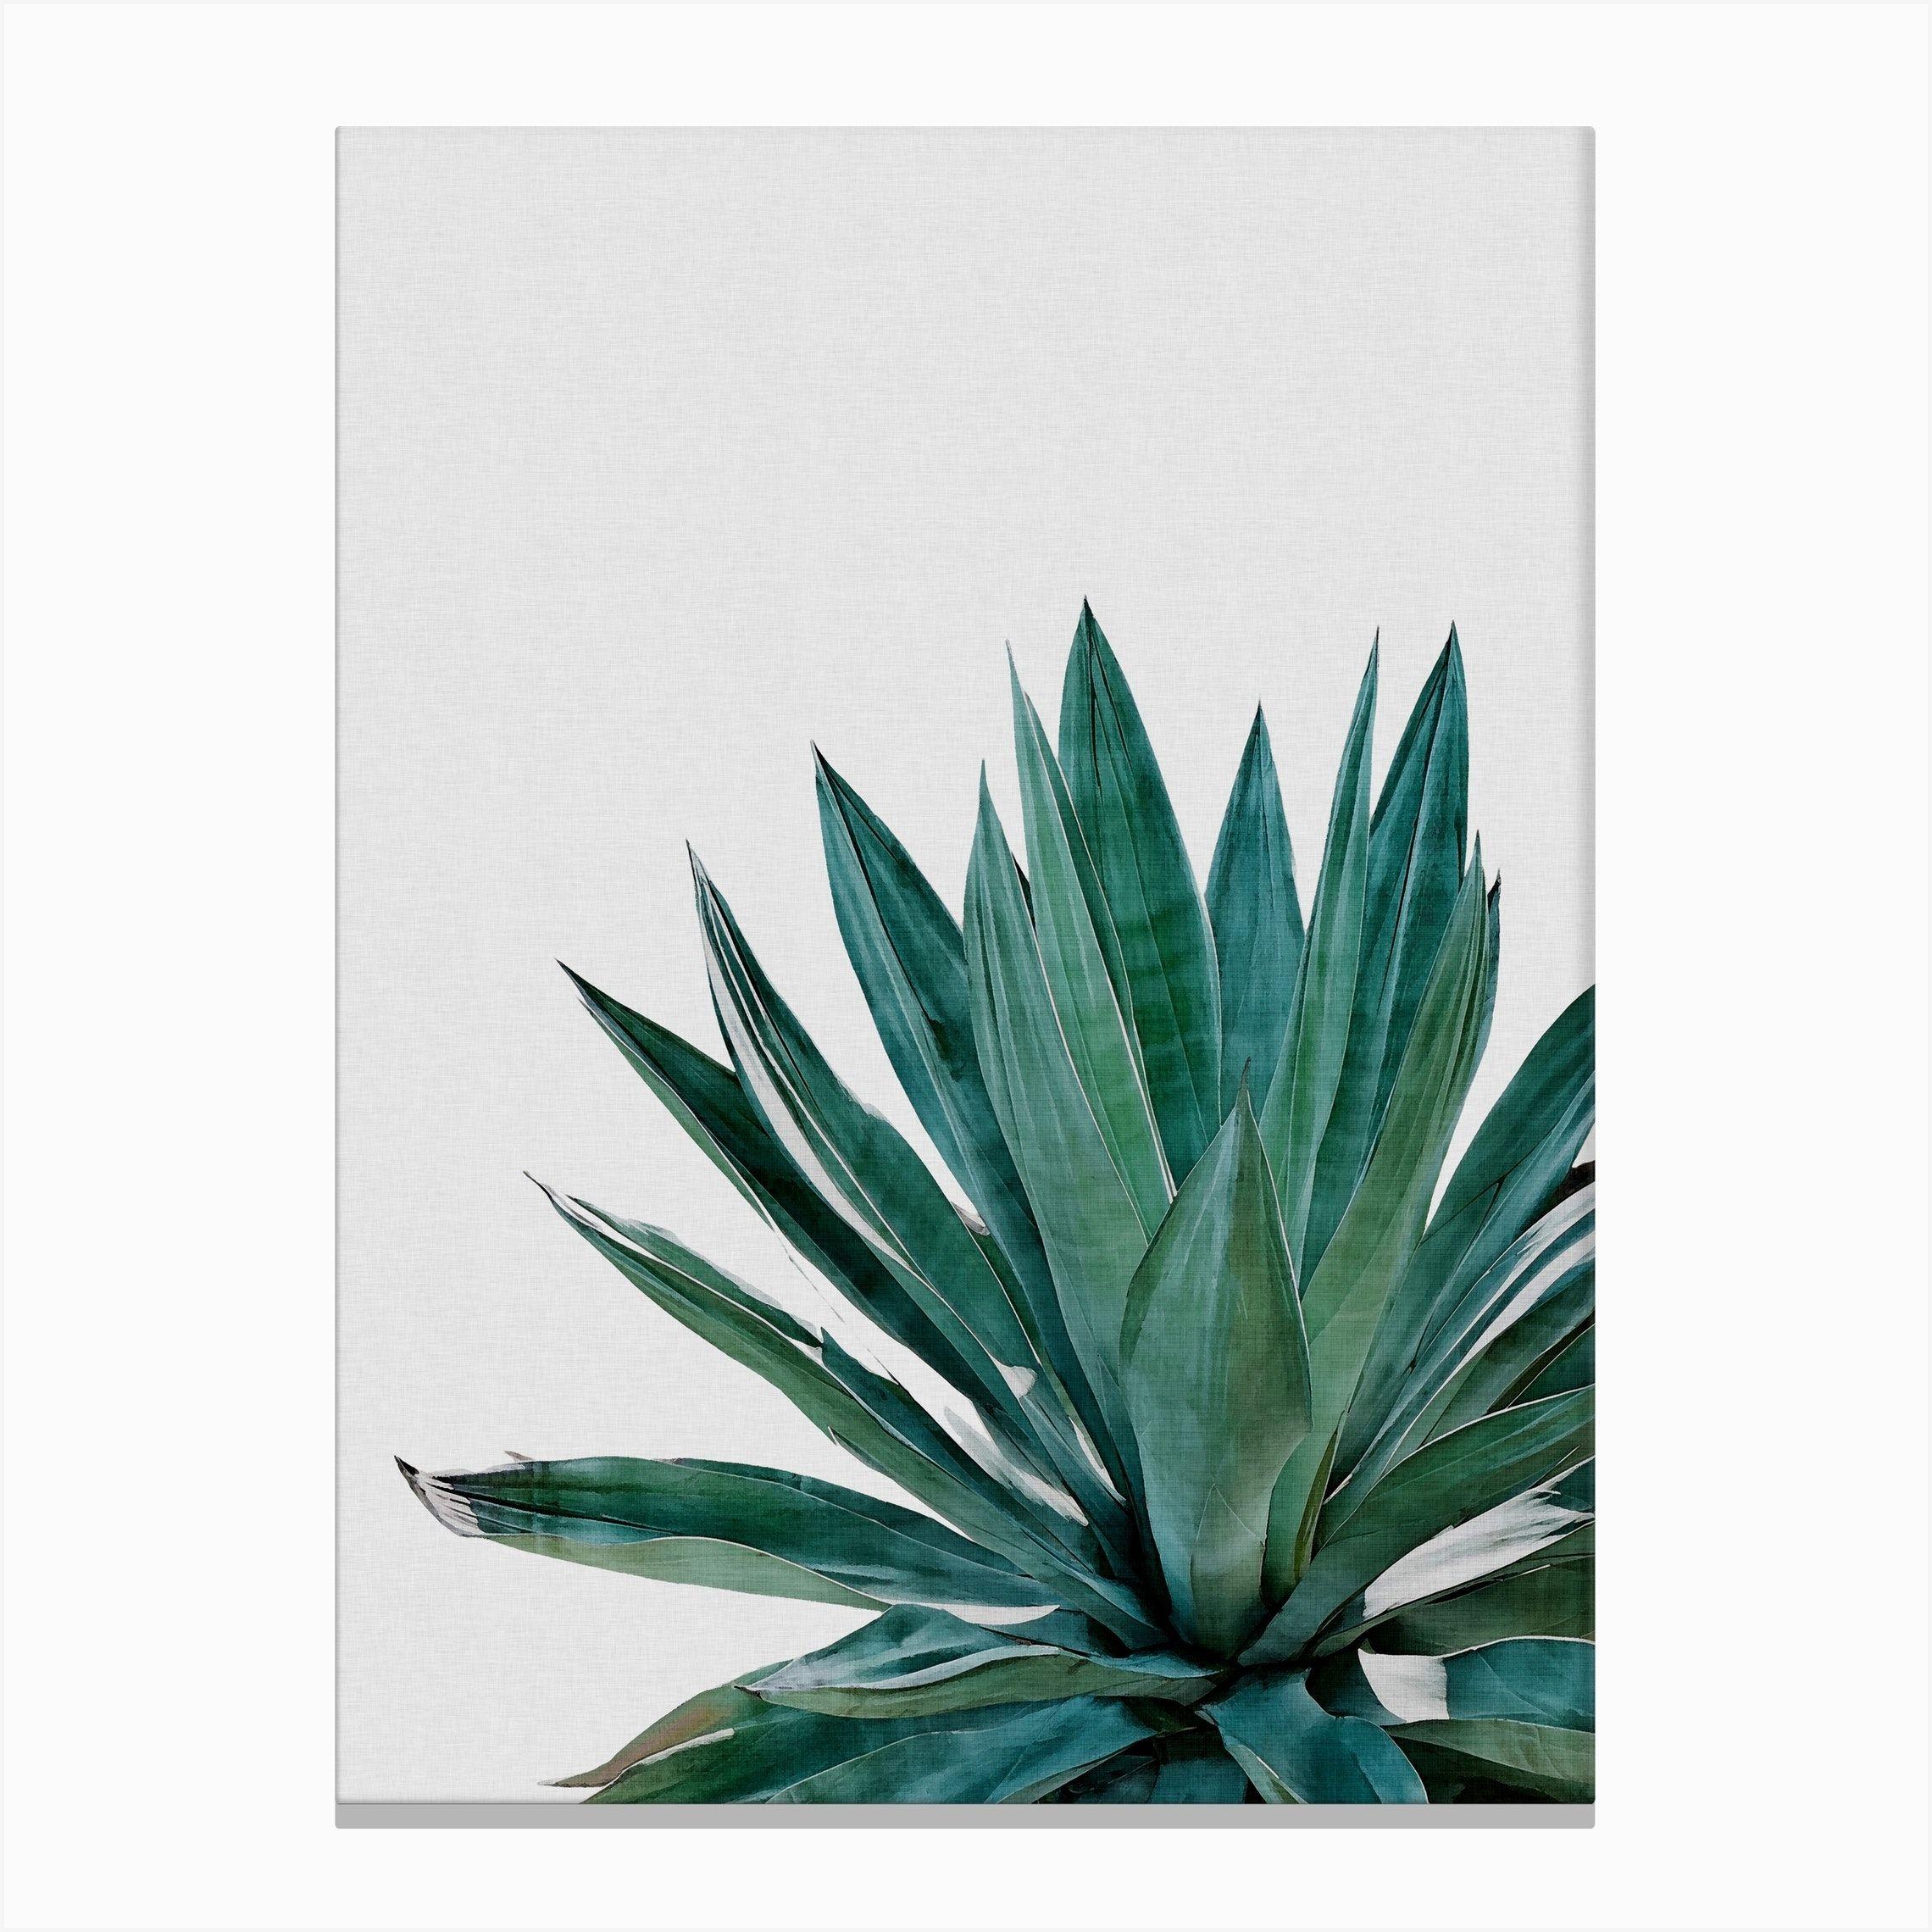 Agave Cactus Canvas Print In 2020 Cactus Poster Cactus Art Graphic Art